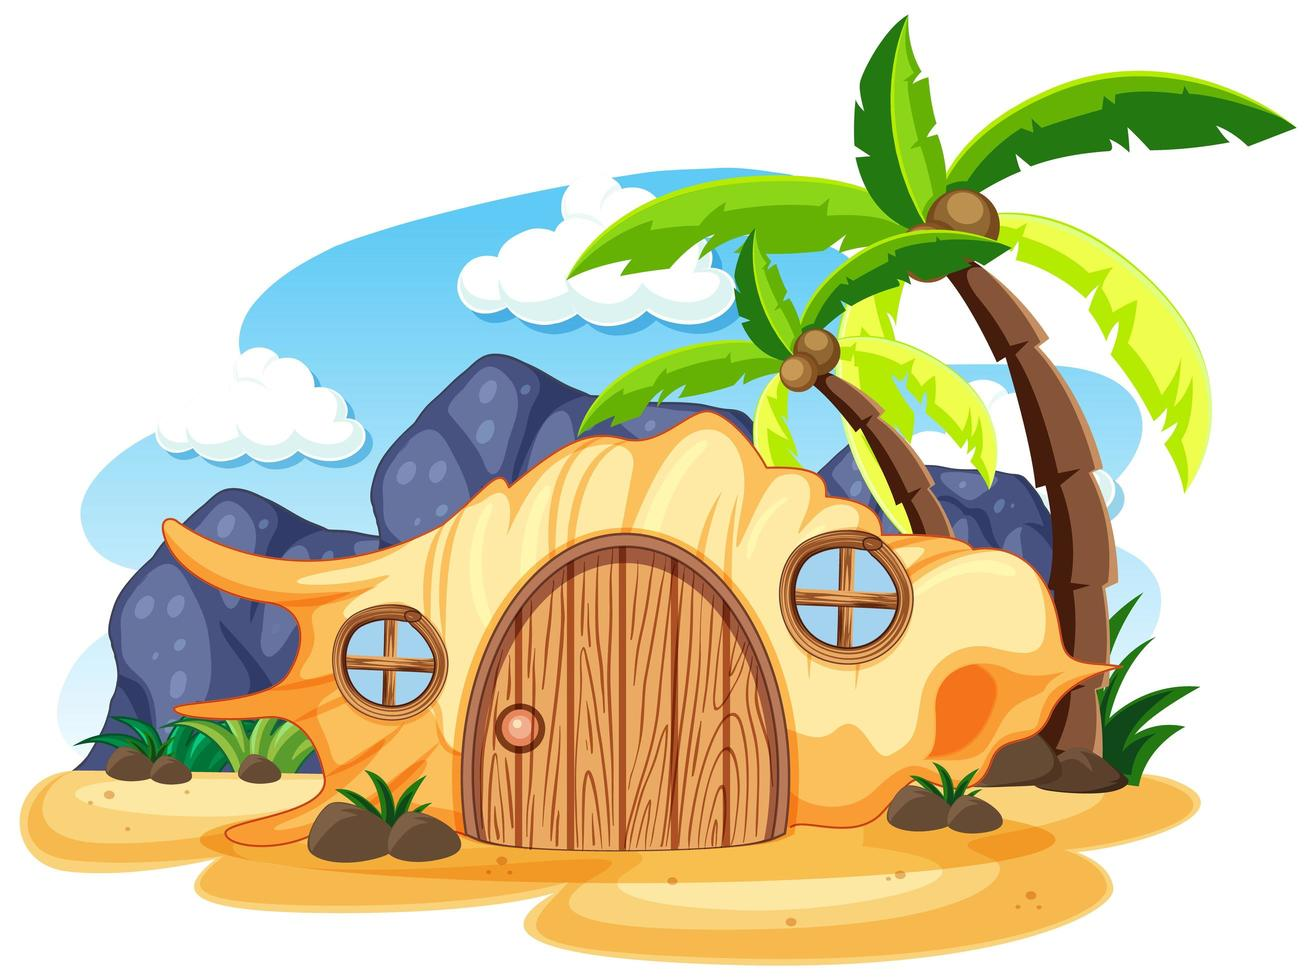 Shell maison de conte de fées sur le style de dessin animé de plage sur fond blanc vecteur